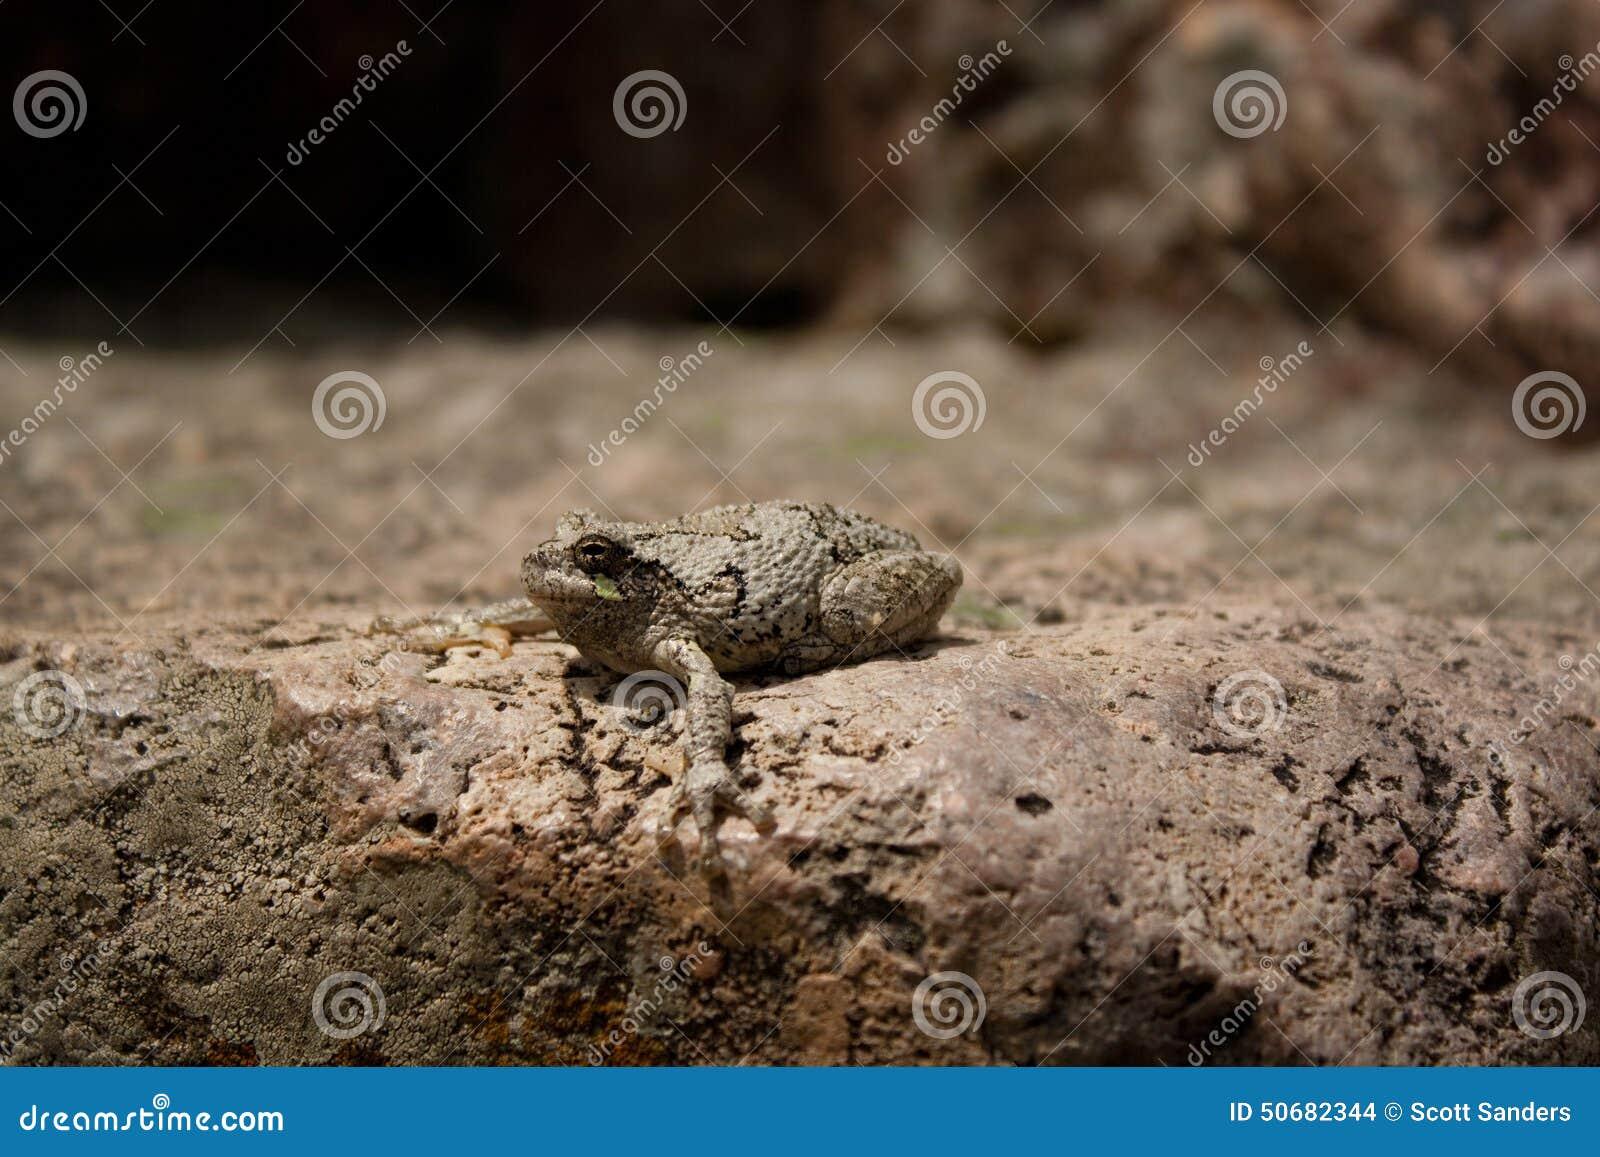 Download 3青蛙 库存照片. 图片 包括有 伪装, 截肢术, 岩石, 蟾蜍, 石头, 青蛙, 冰砾, 本质, 敌意 - 50682344